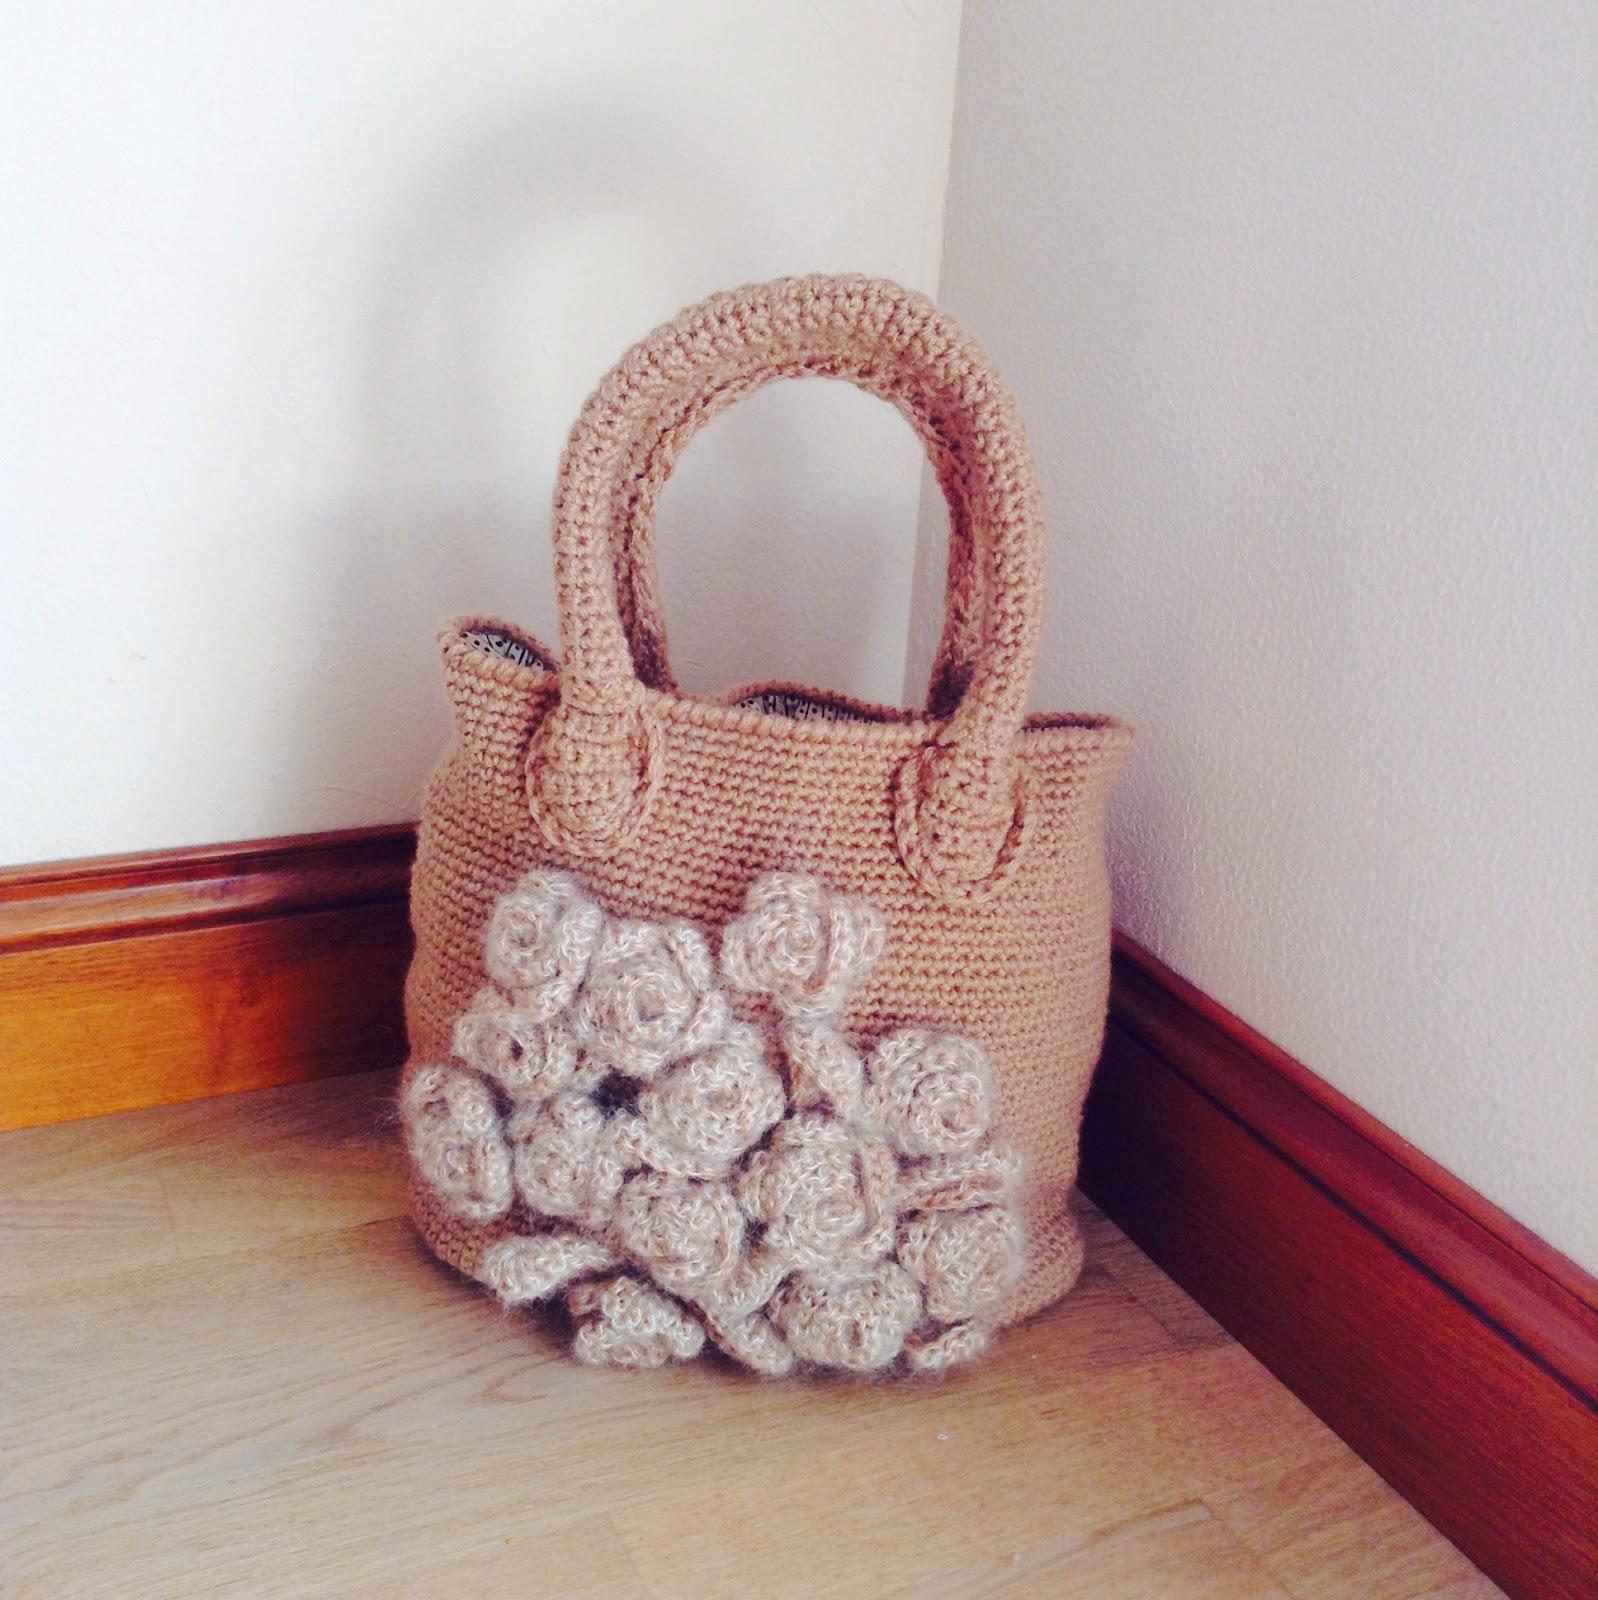 sac en crochet avec des fleurs en relief